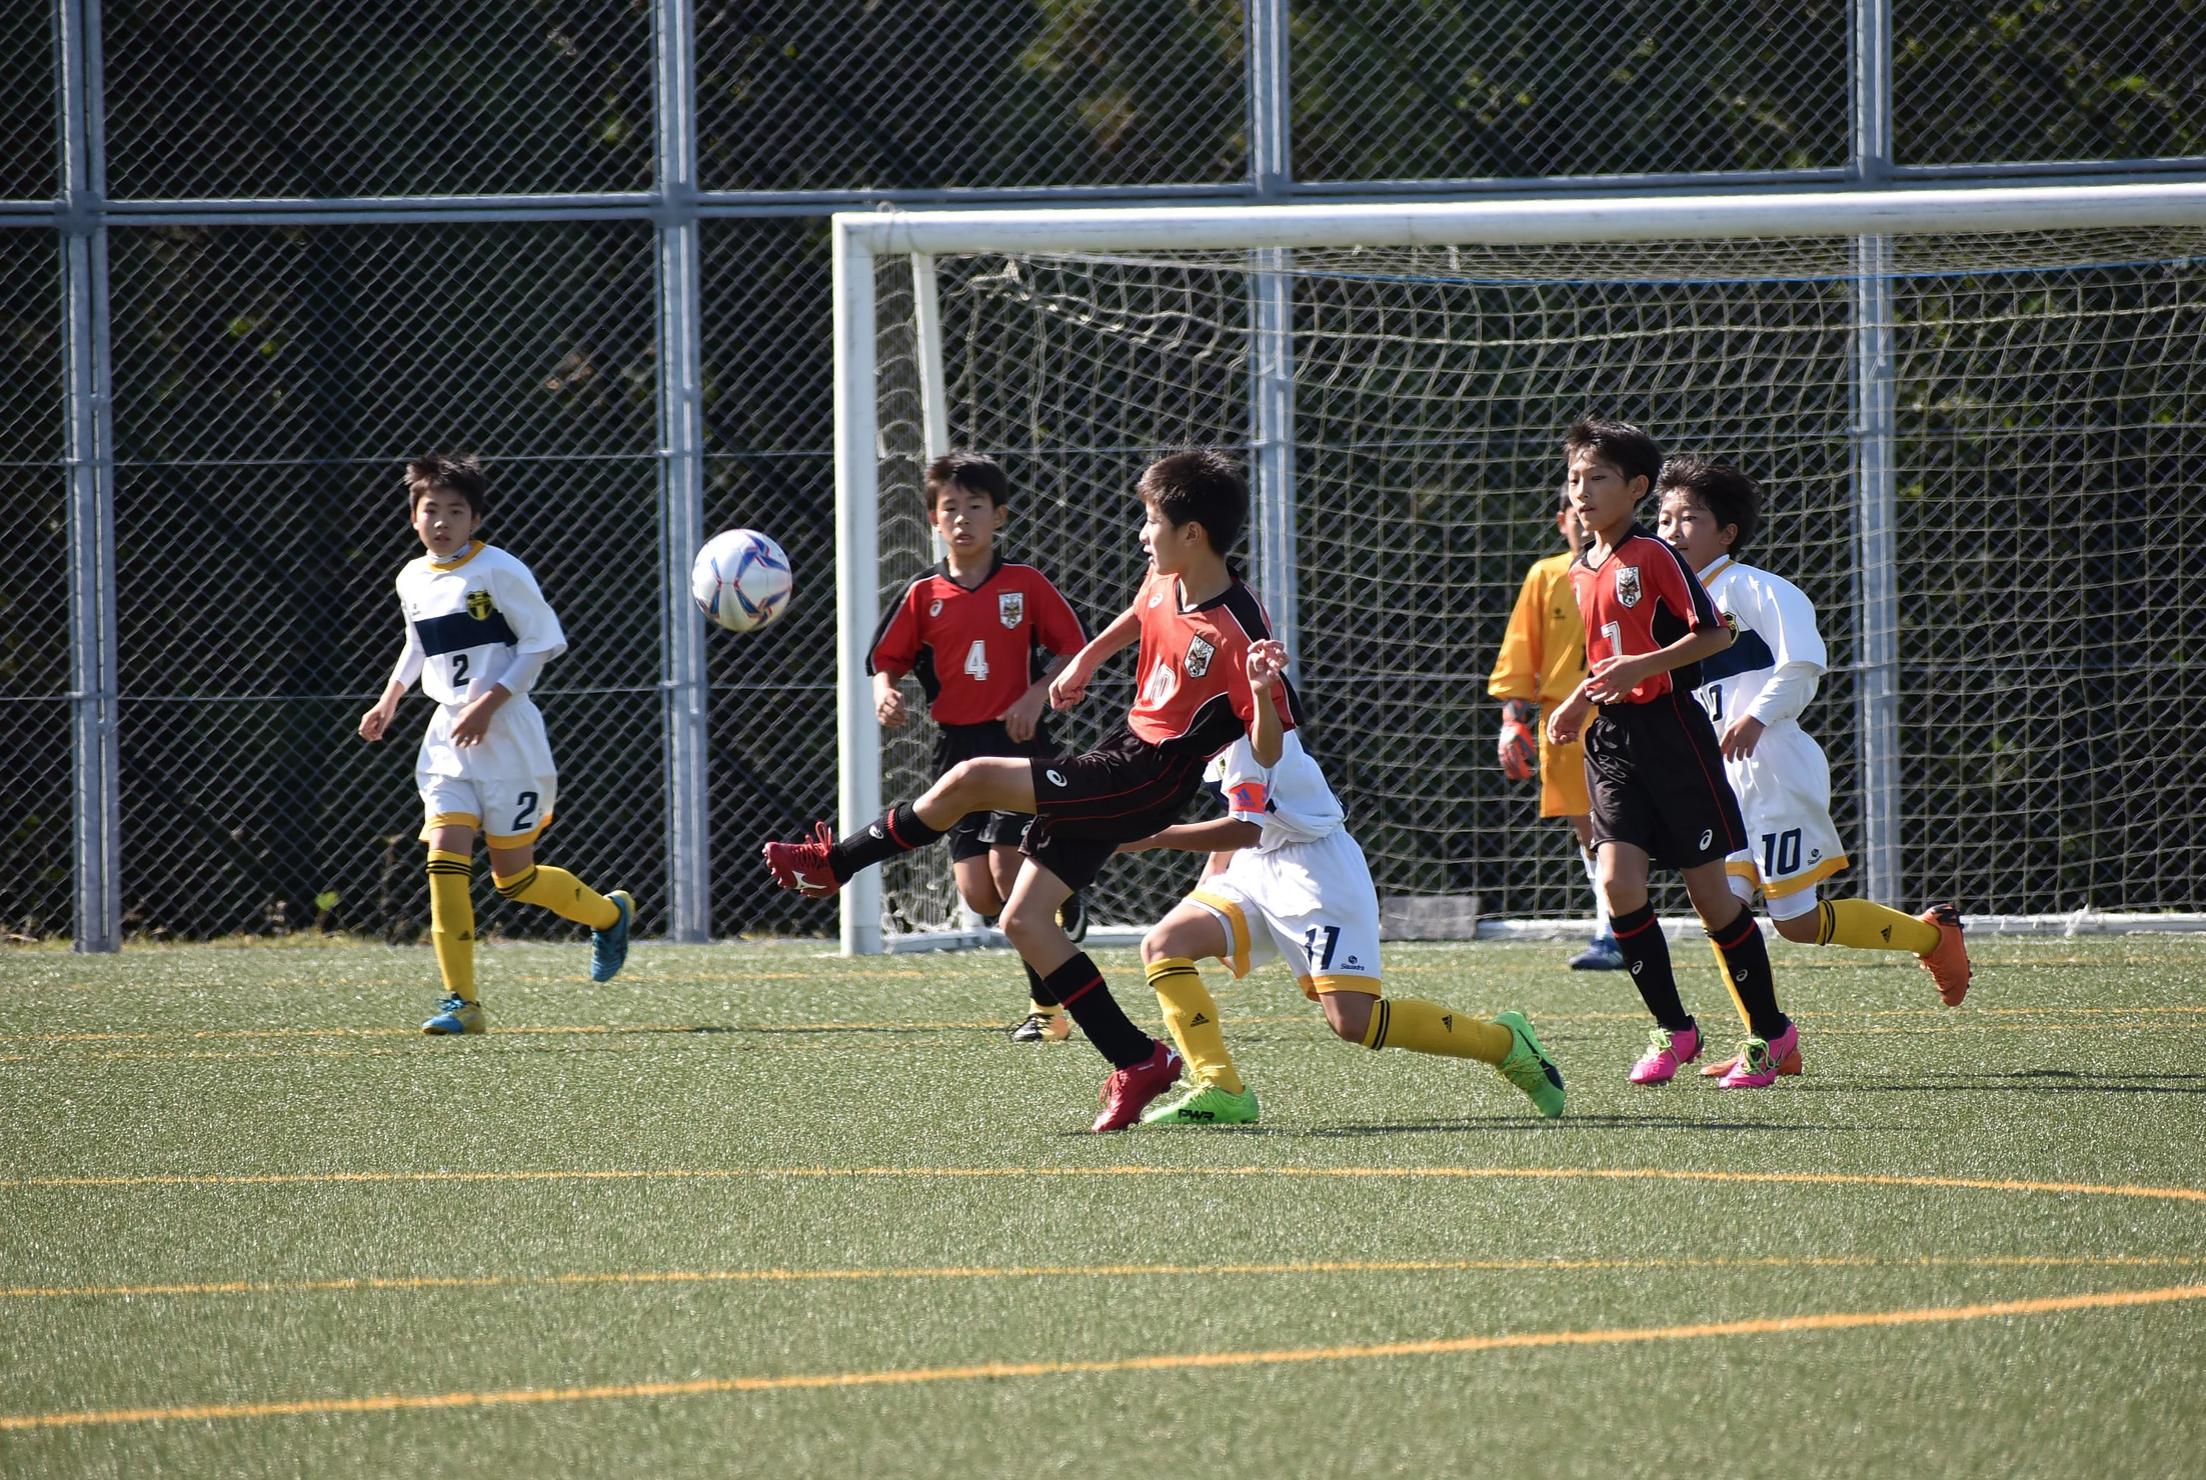 第42回全日本U-12サッカー選手権大会 鳥取県大会 1、2回戦